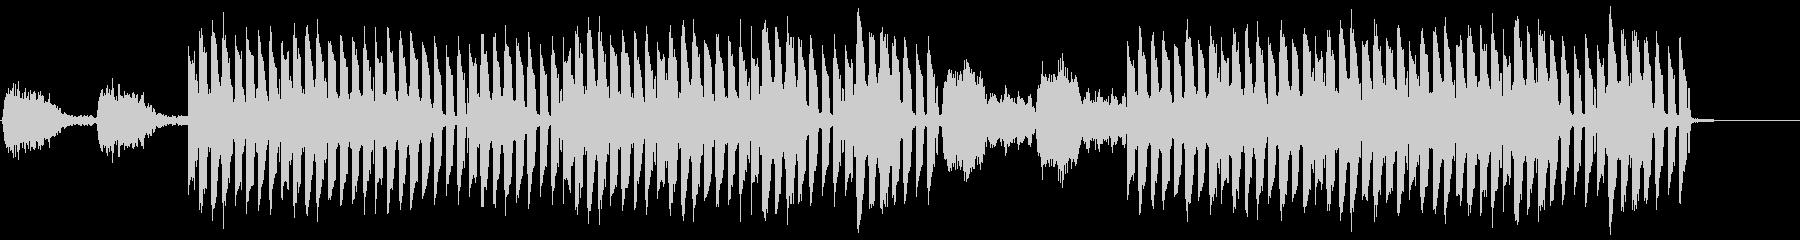 おしゃれかっこいいEDMジングル2の未再生の波形